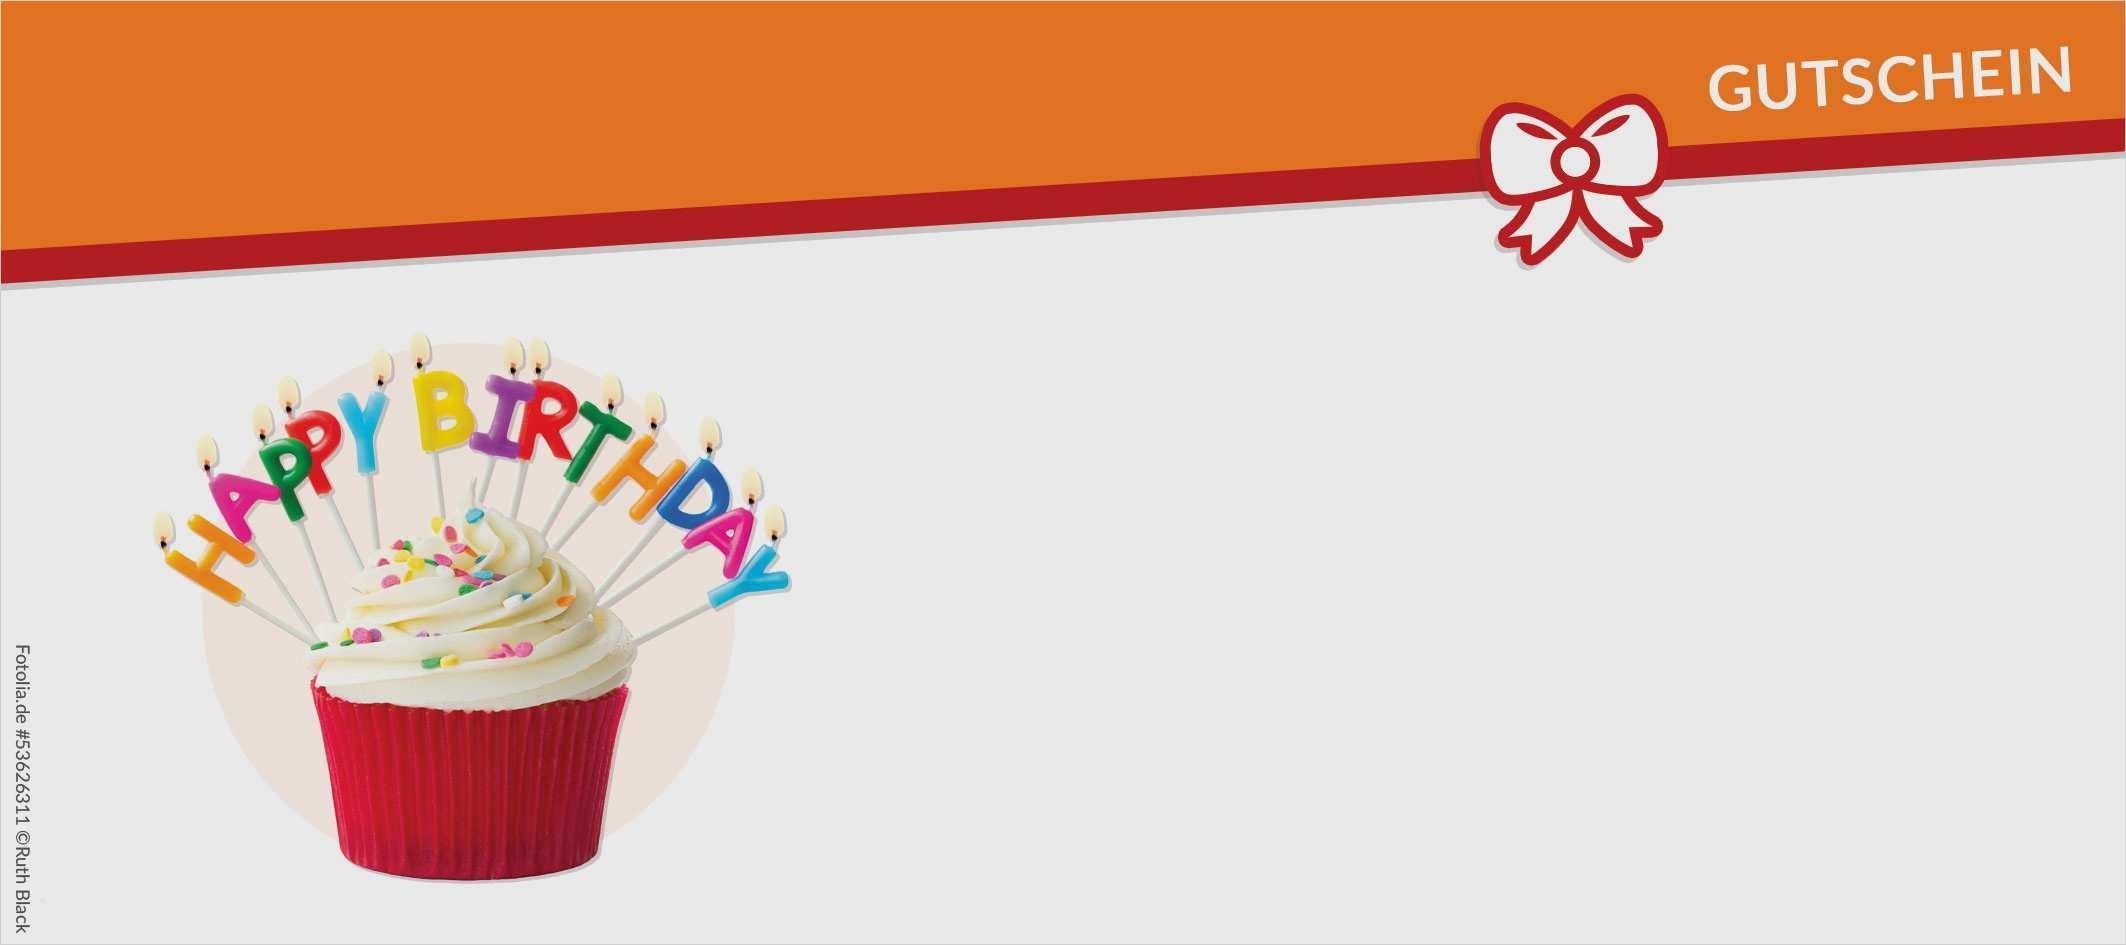 Gutschein Geburtstag Kostenlos Ausdrucken